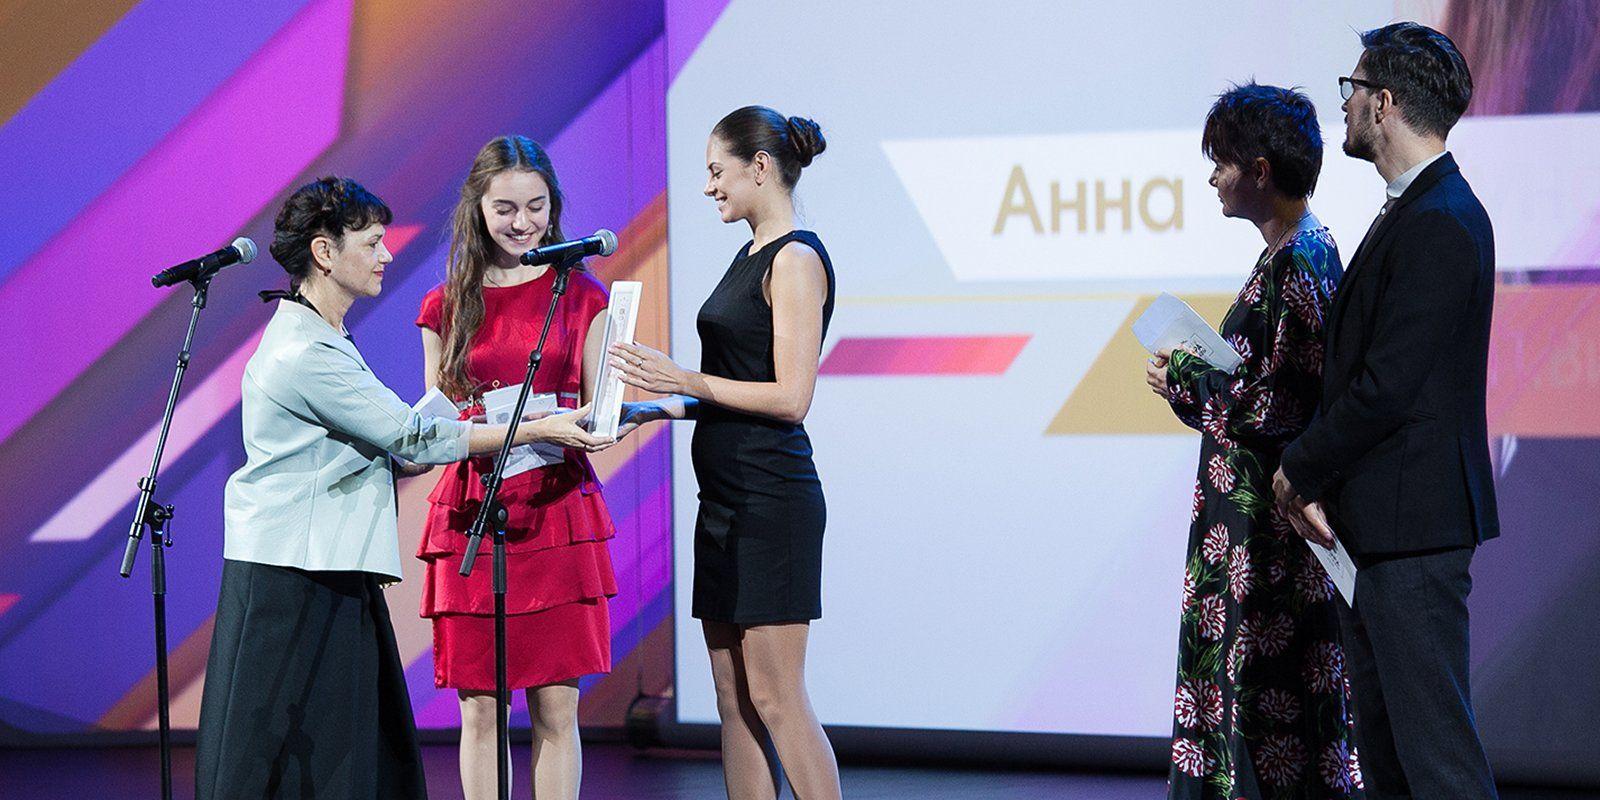 Финалисты конкурса грантов мэра Москвы получили свои премии. Фото: официальный сайт мэра Москвы